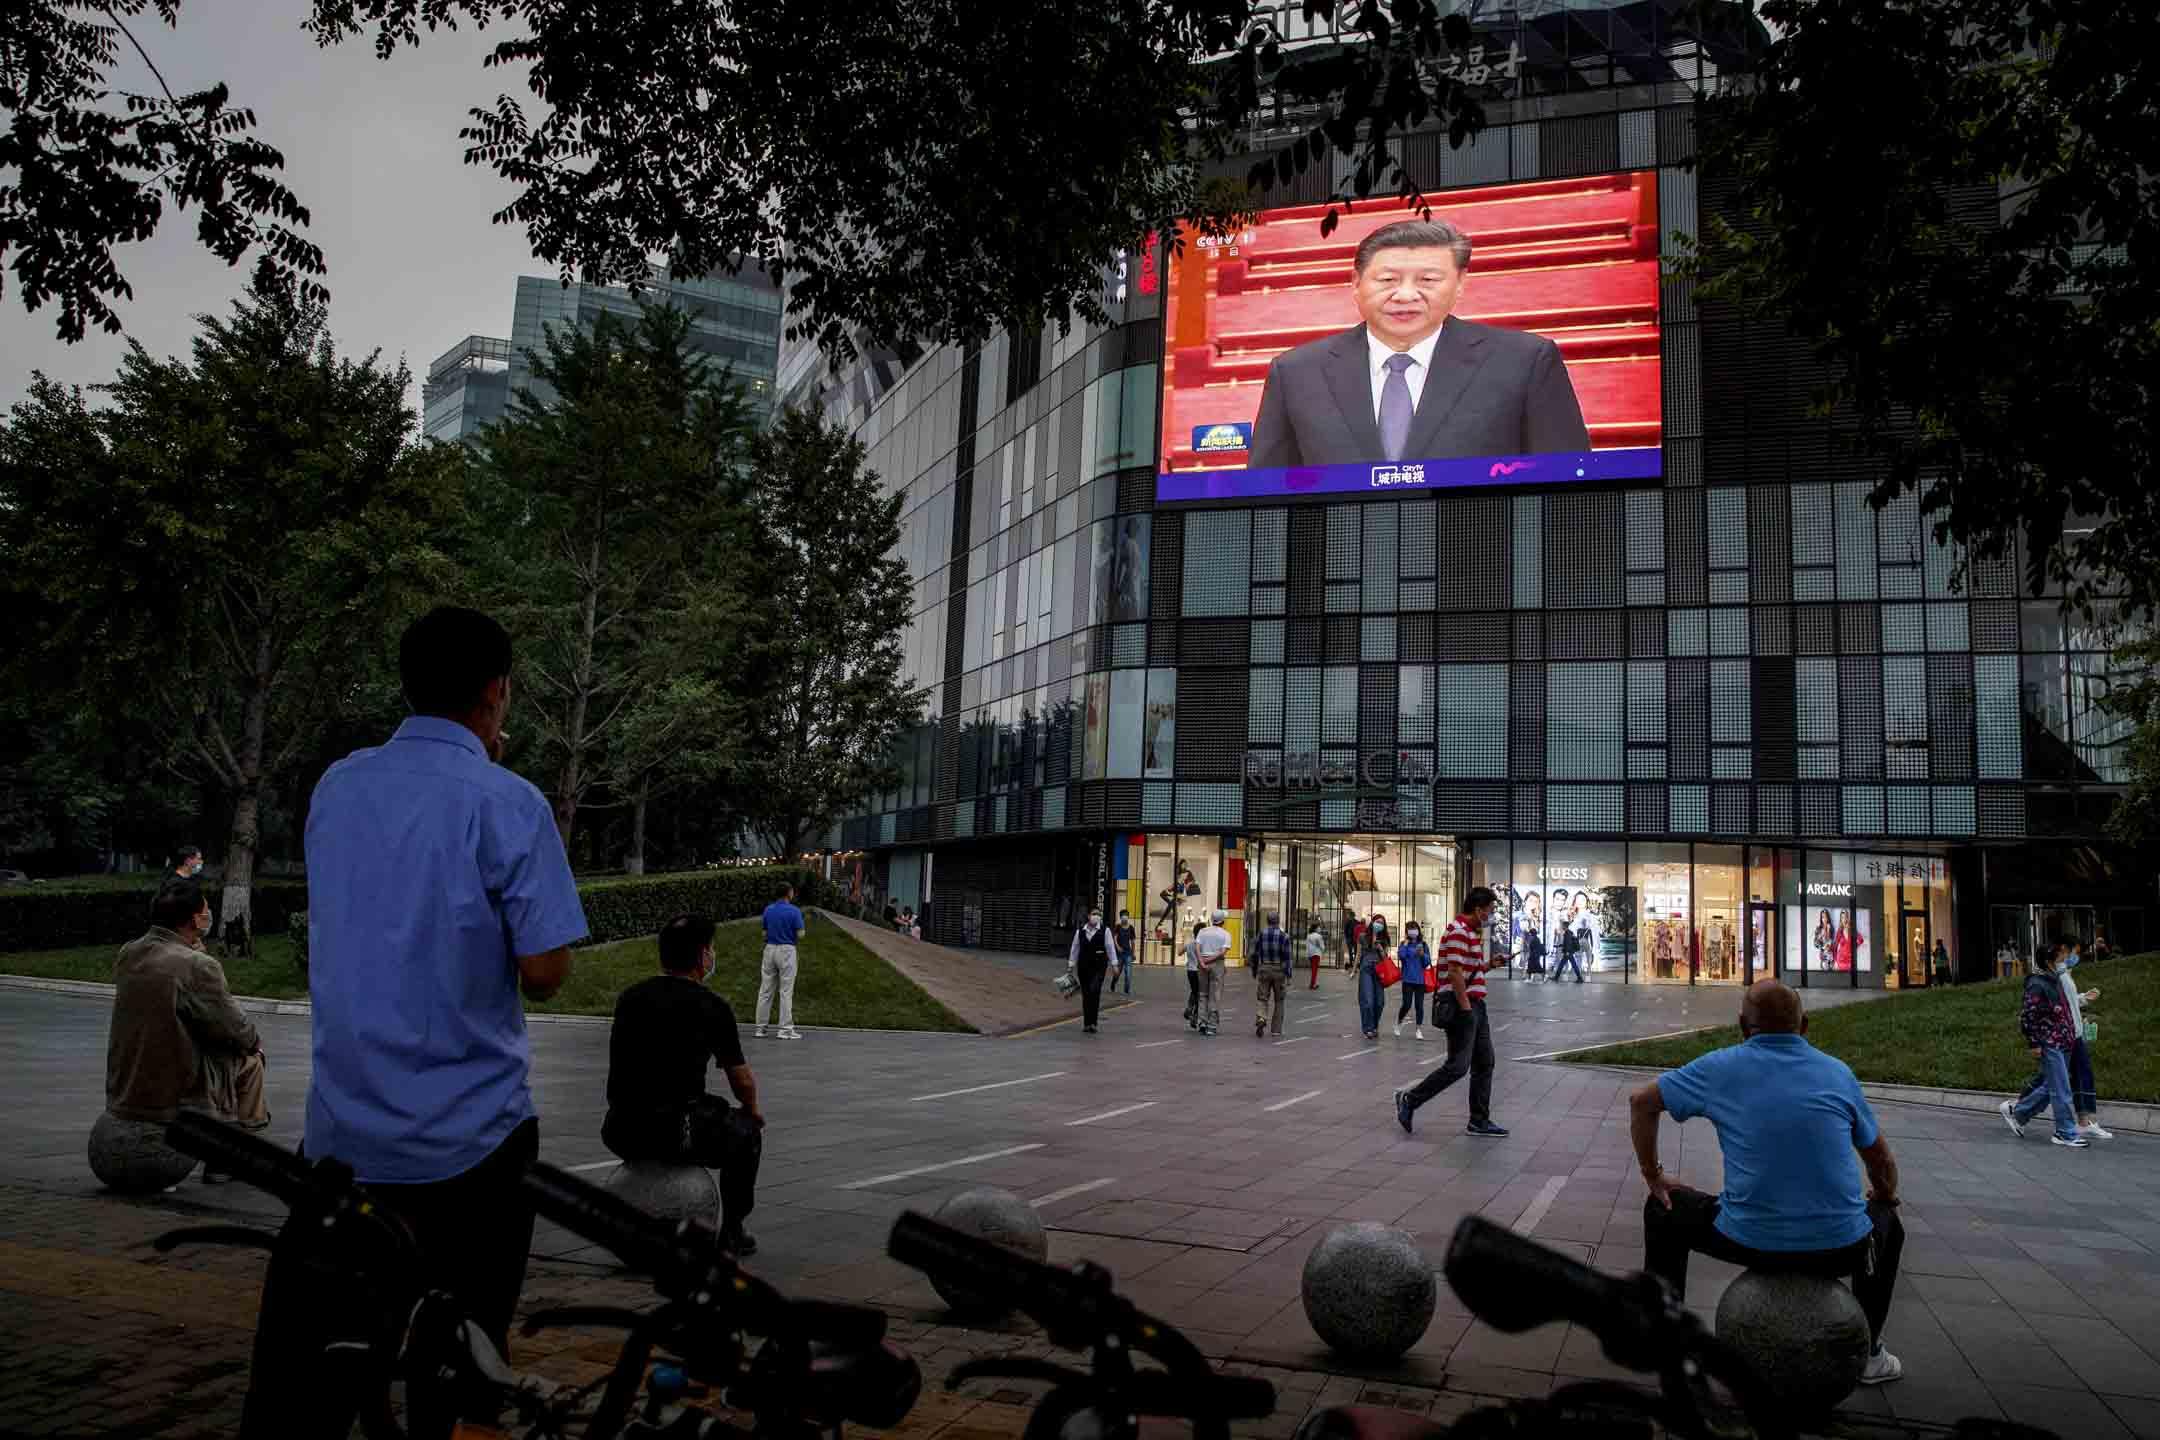 2020年5月21日,百貨公司的屏幕播放政協會議開幕式上的國家主席習近平。 攝:Thomas Peter /Reuters/達志影像